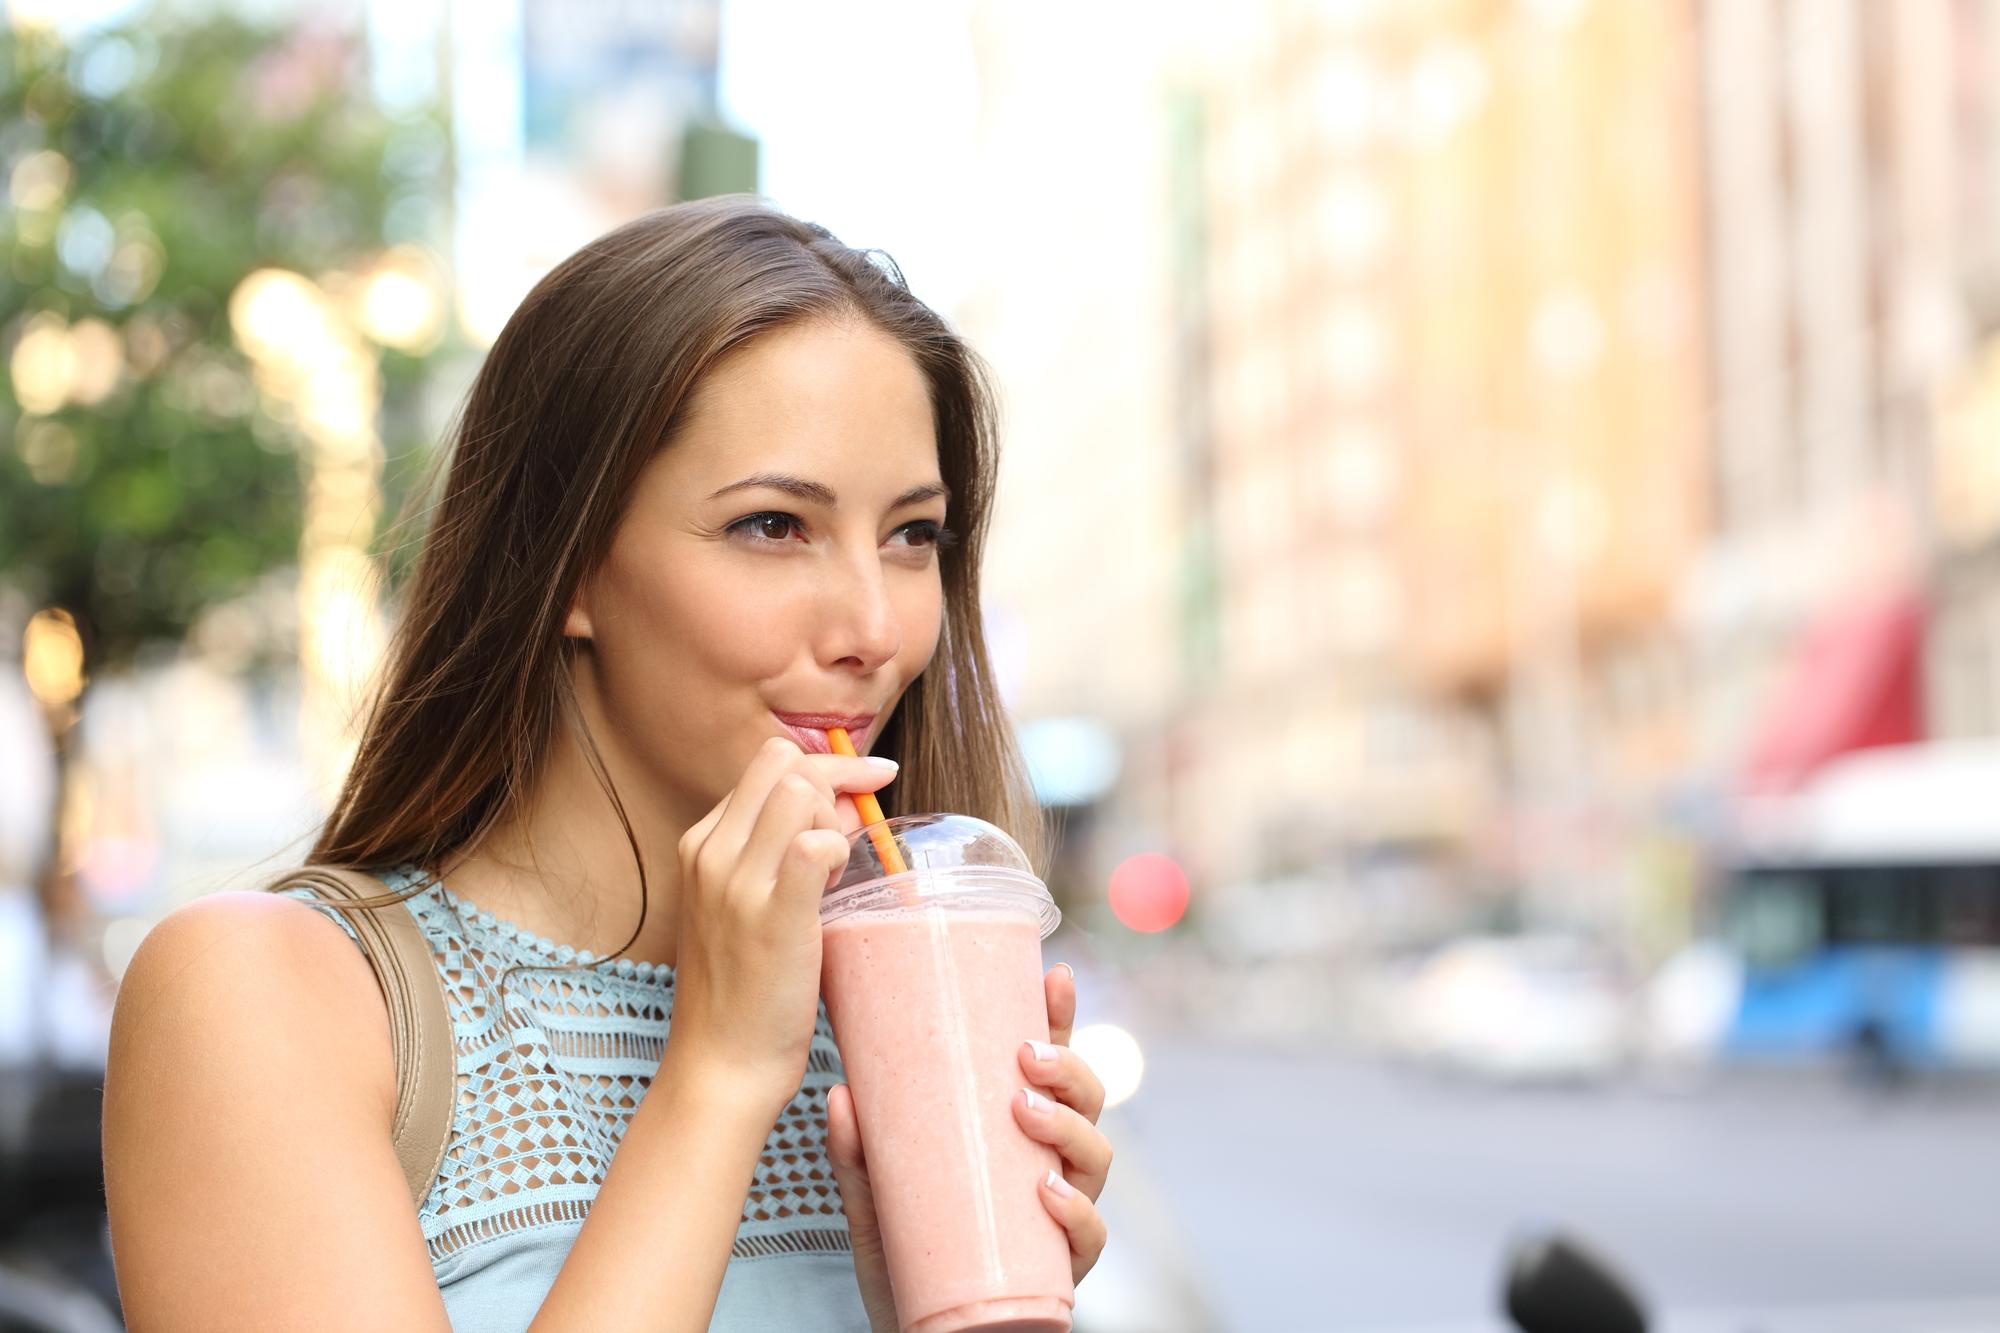 kobieta w mieście, latem, pijąca shake'a, nadwrażliwość zębów